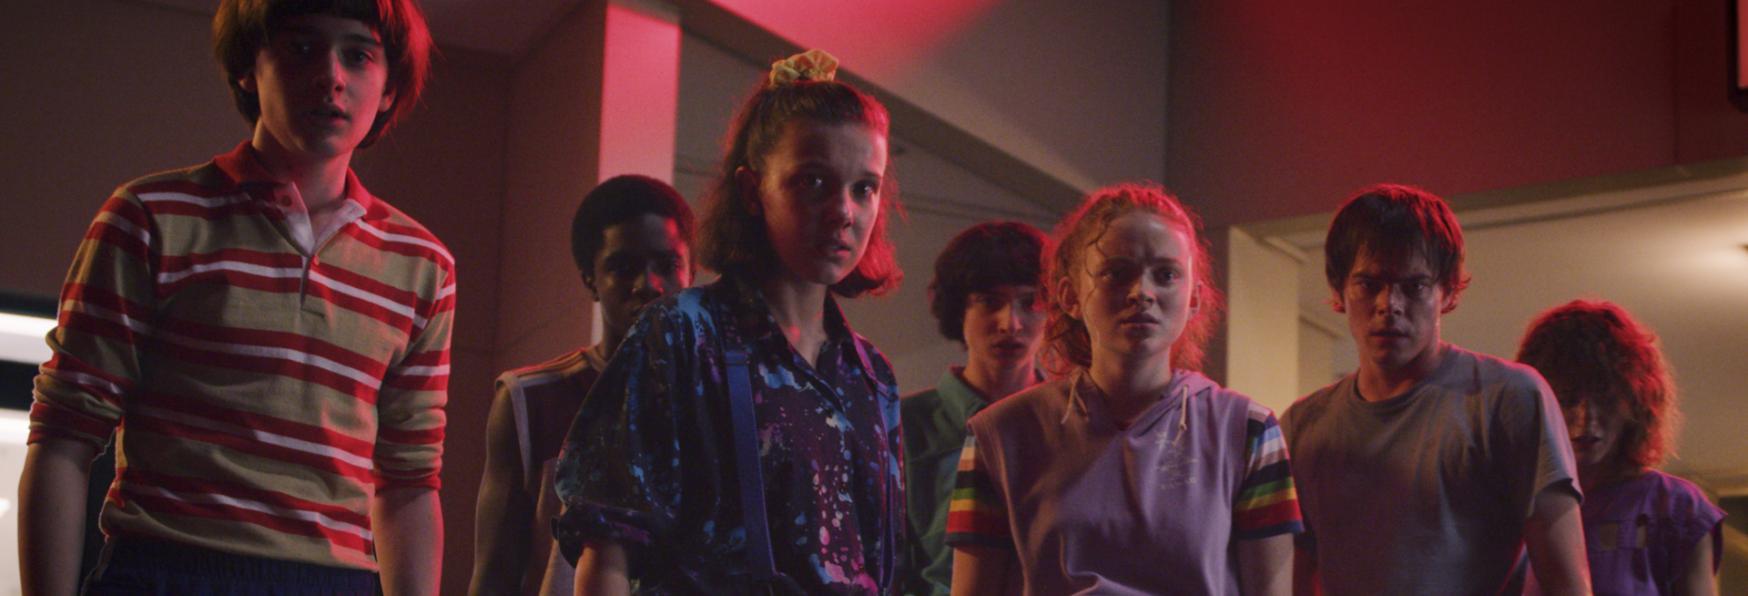 Stranger Things 4: i Film che hanno Ispirato la nuova Stagione